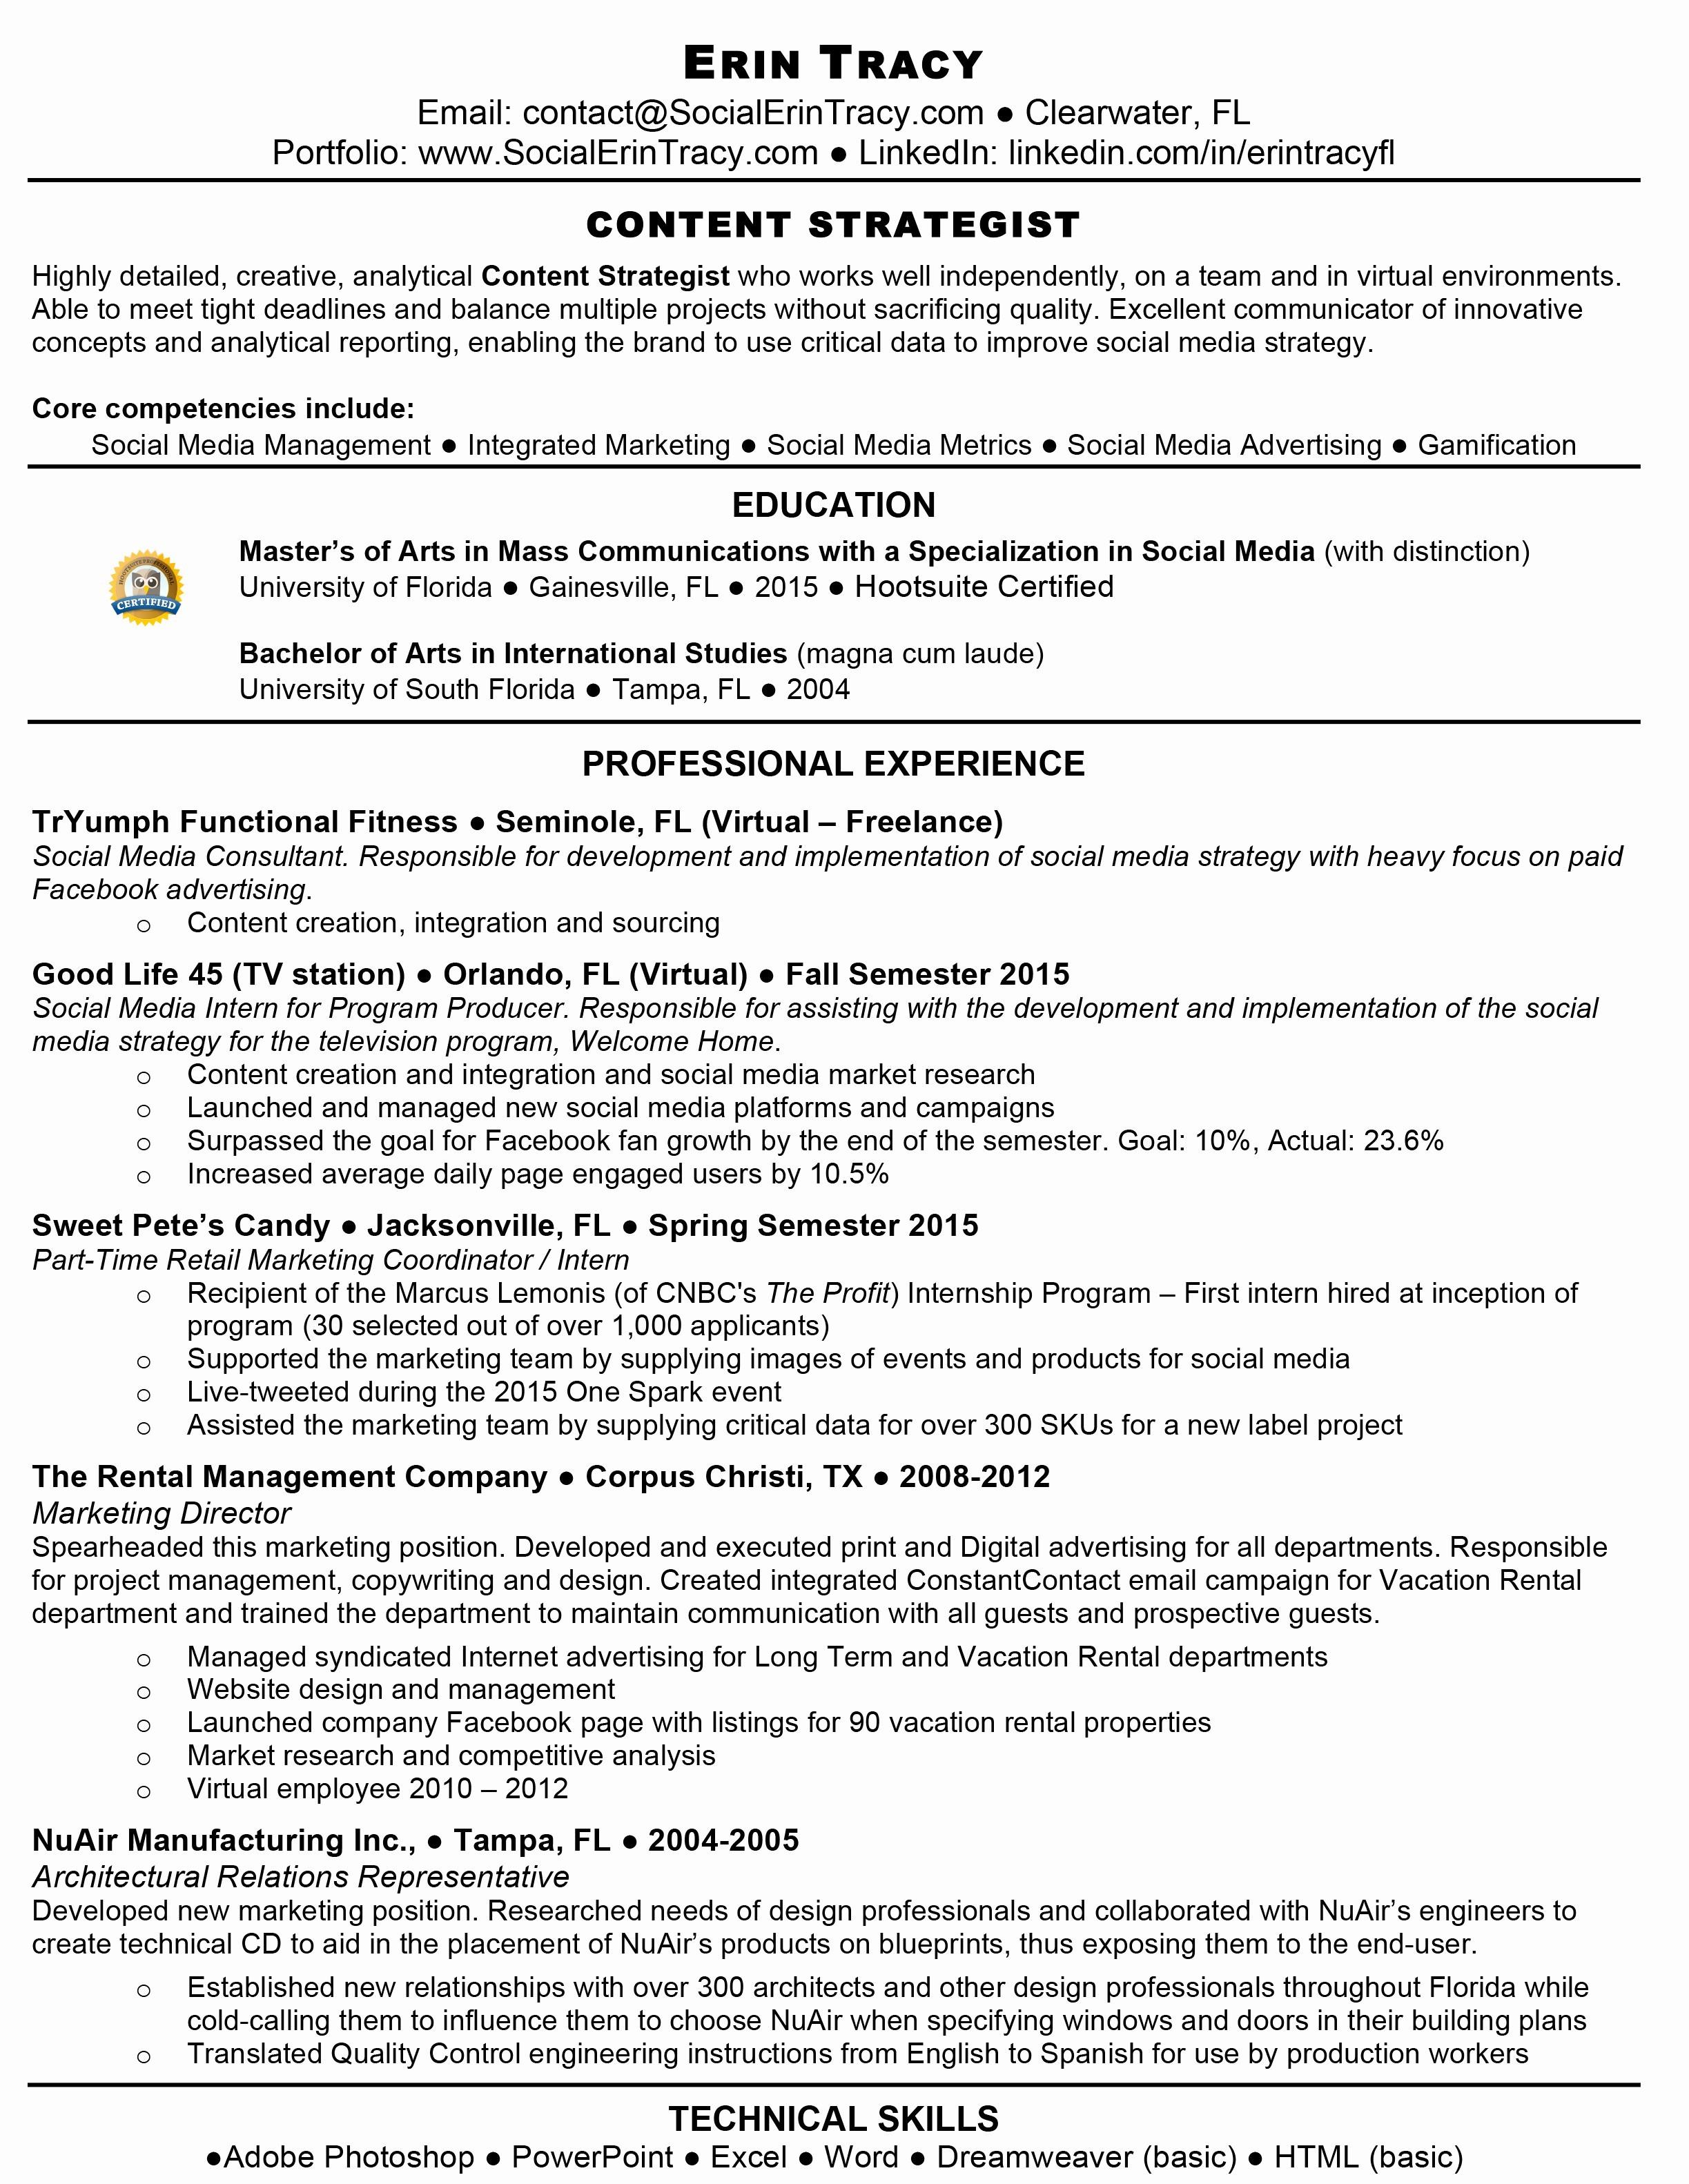 simple job offer letter template fer letter for job sample valid job fer letter template